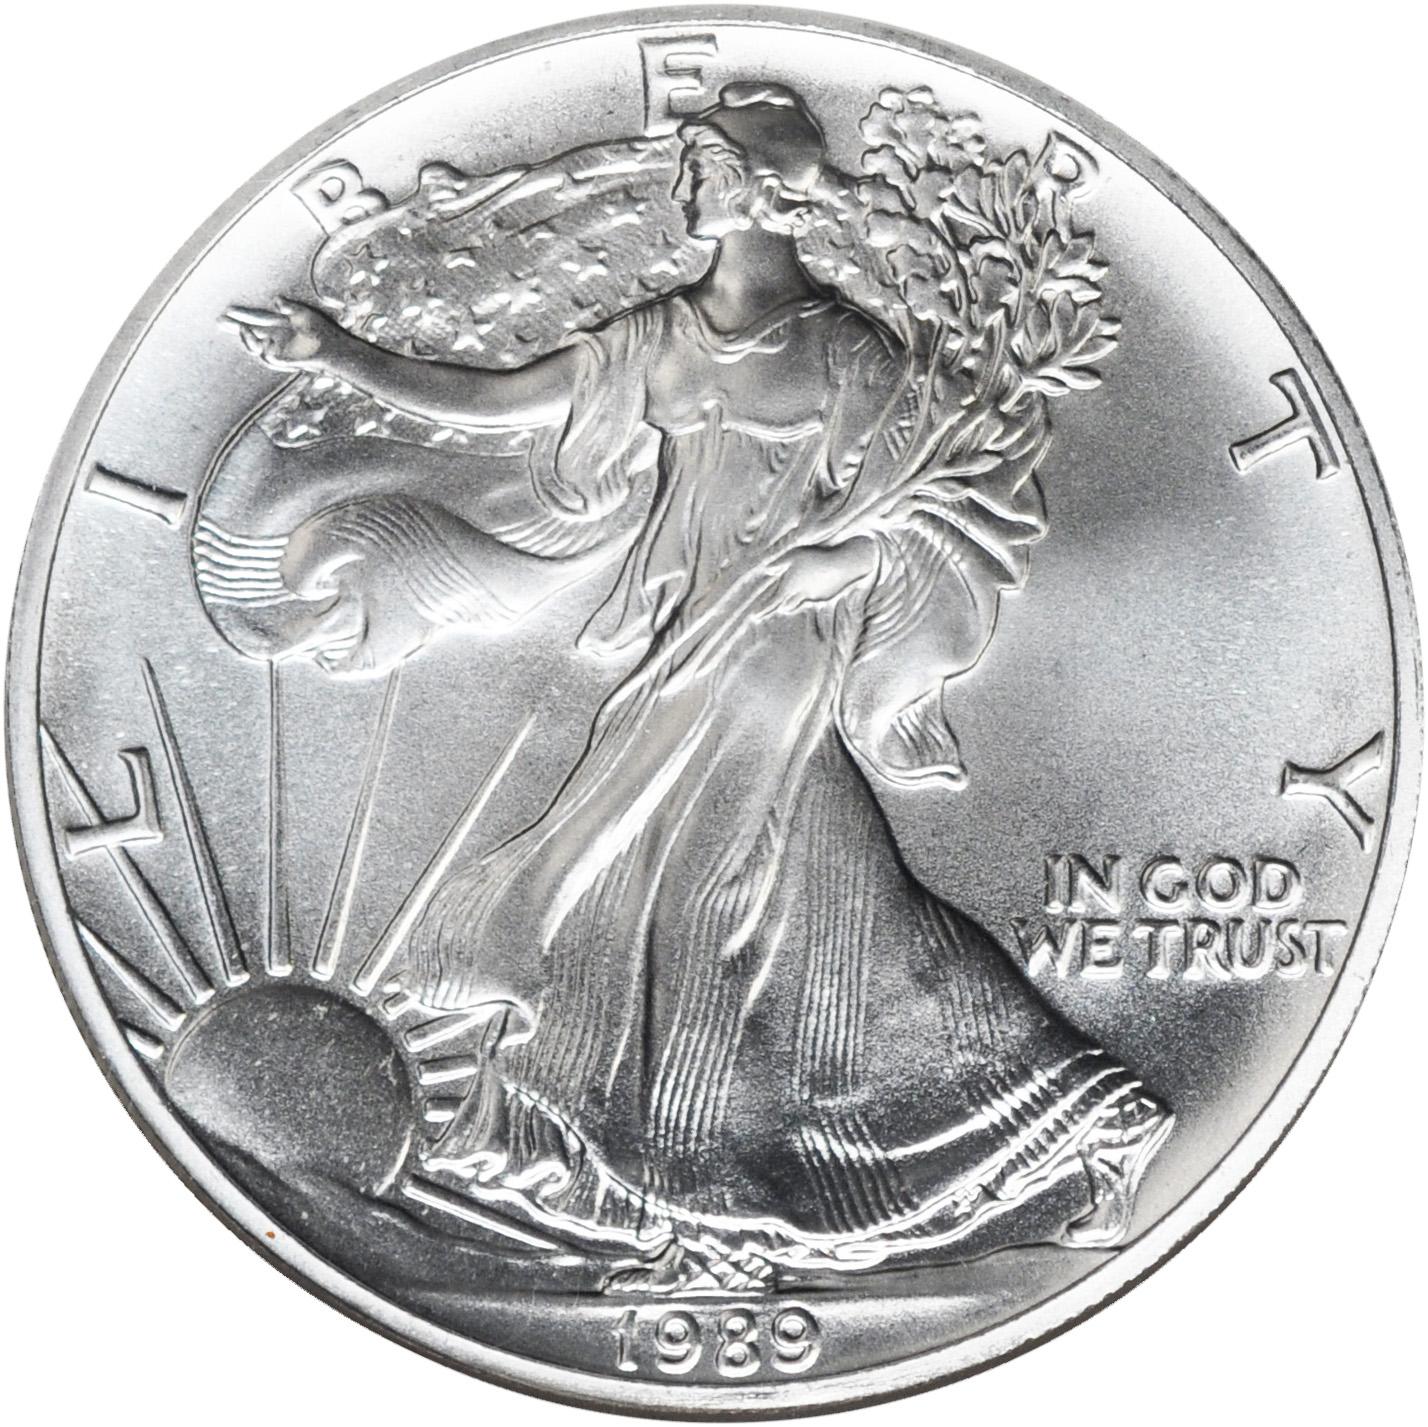 1 Oz Silver One Dollar Coin Value December 2019